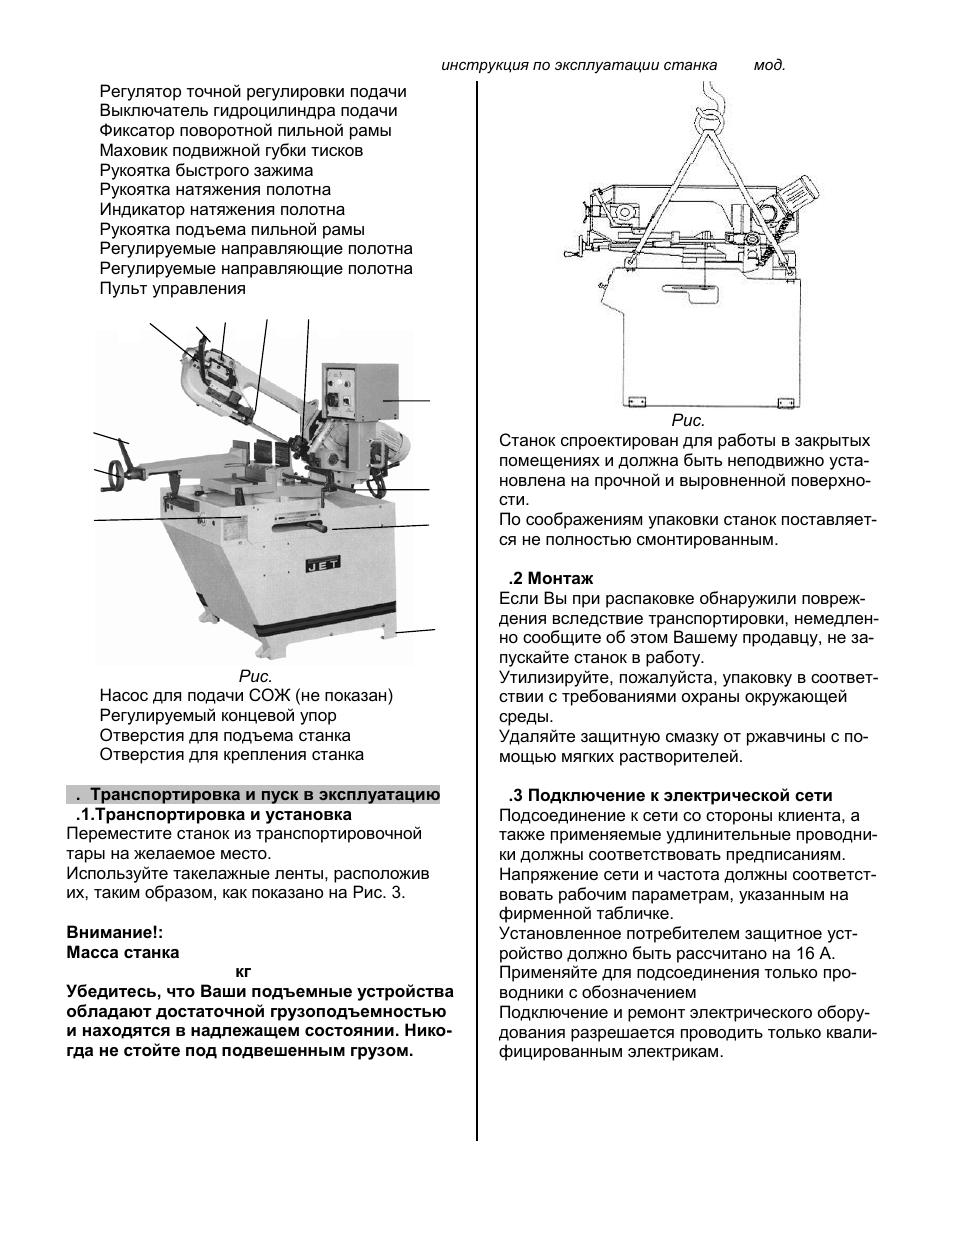 Приспособление для закачки газа в амортизатор чертеж